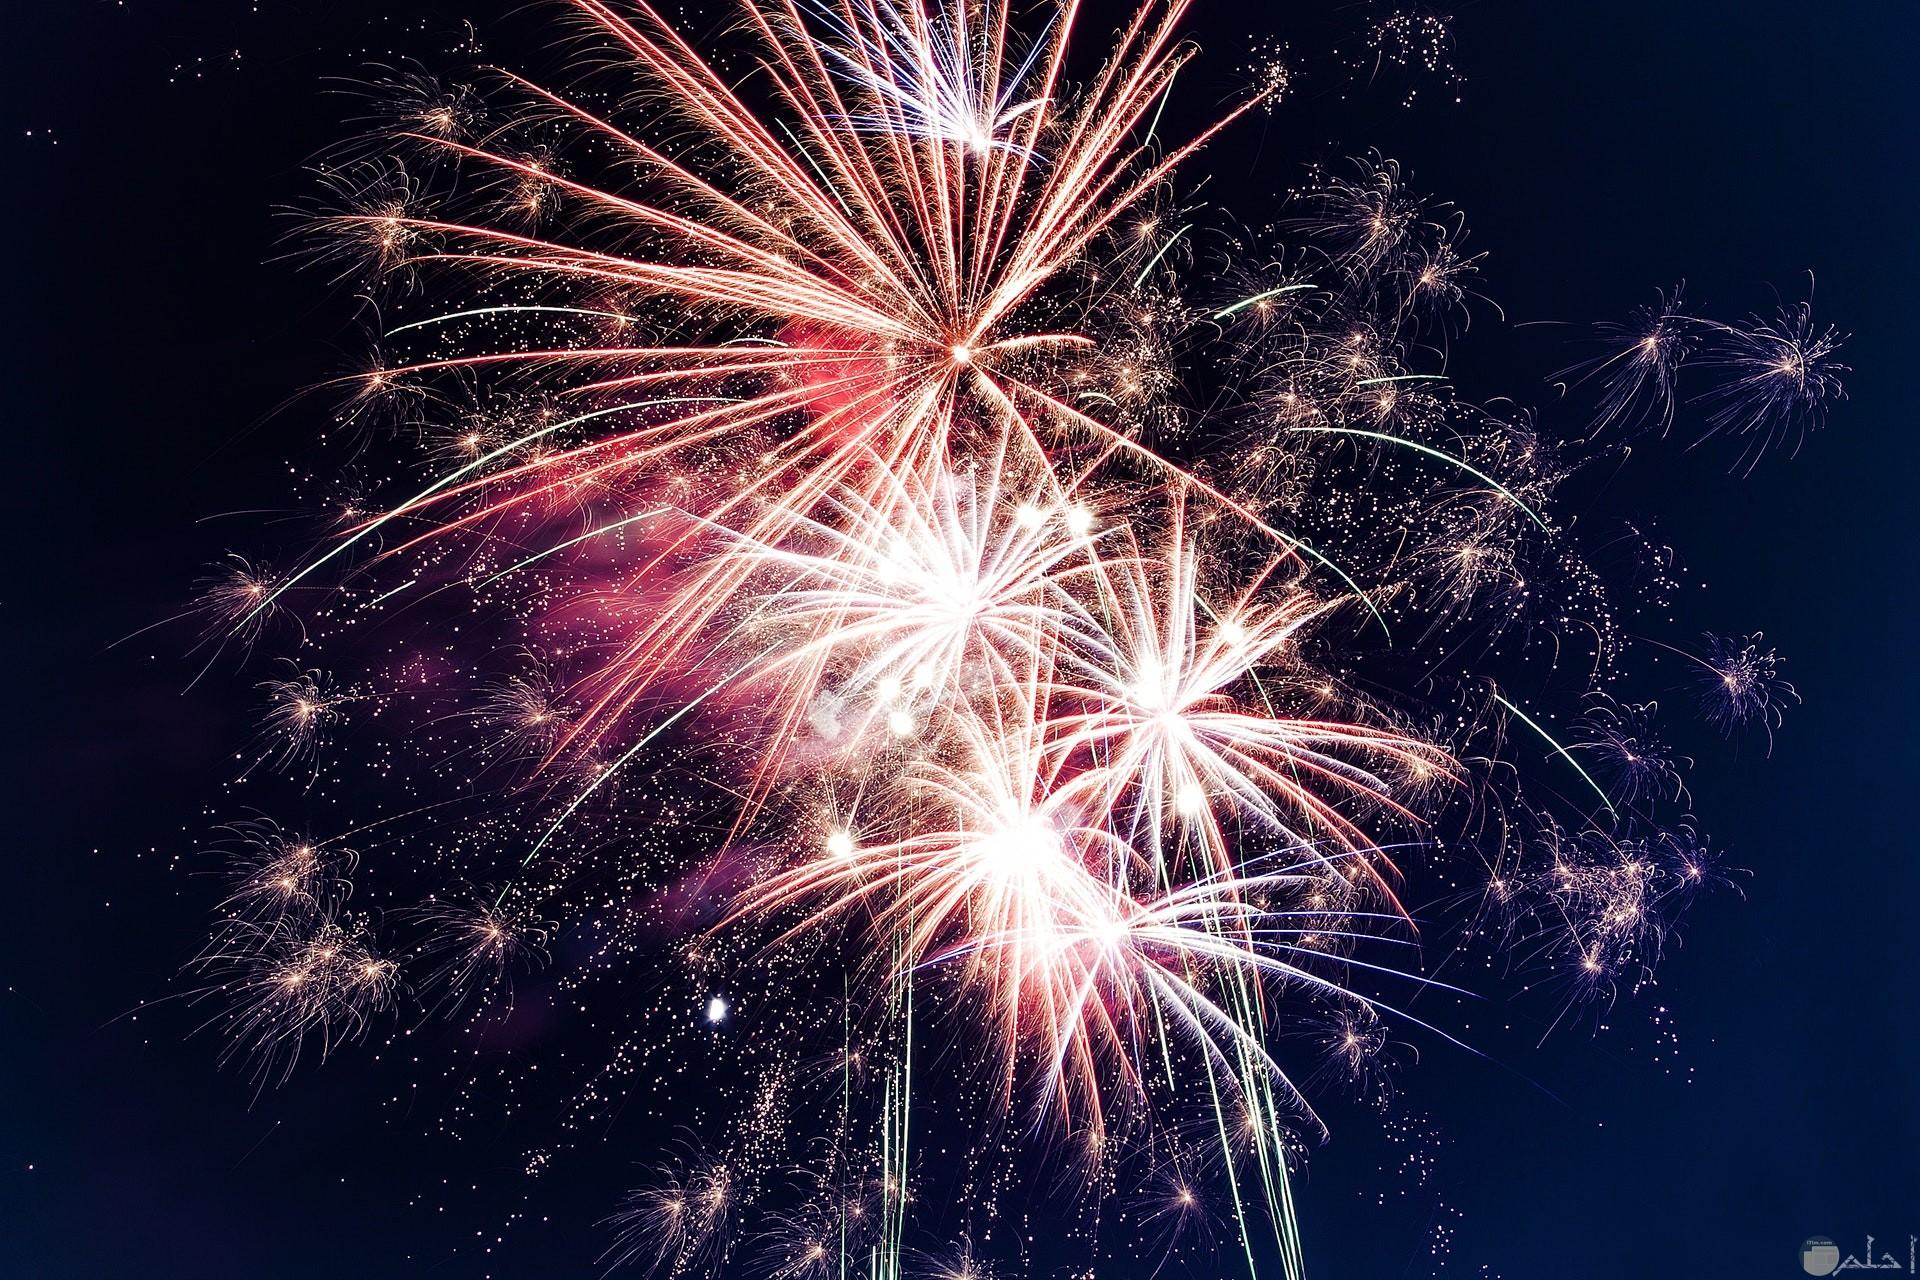 صورة ألعاب نارية حلوة في السماء في المساء بألوان الأبيض والأحمر